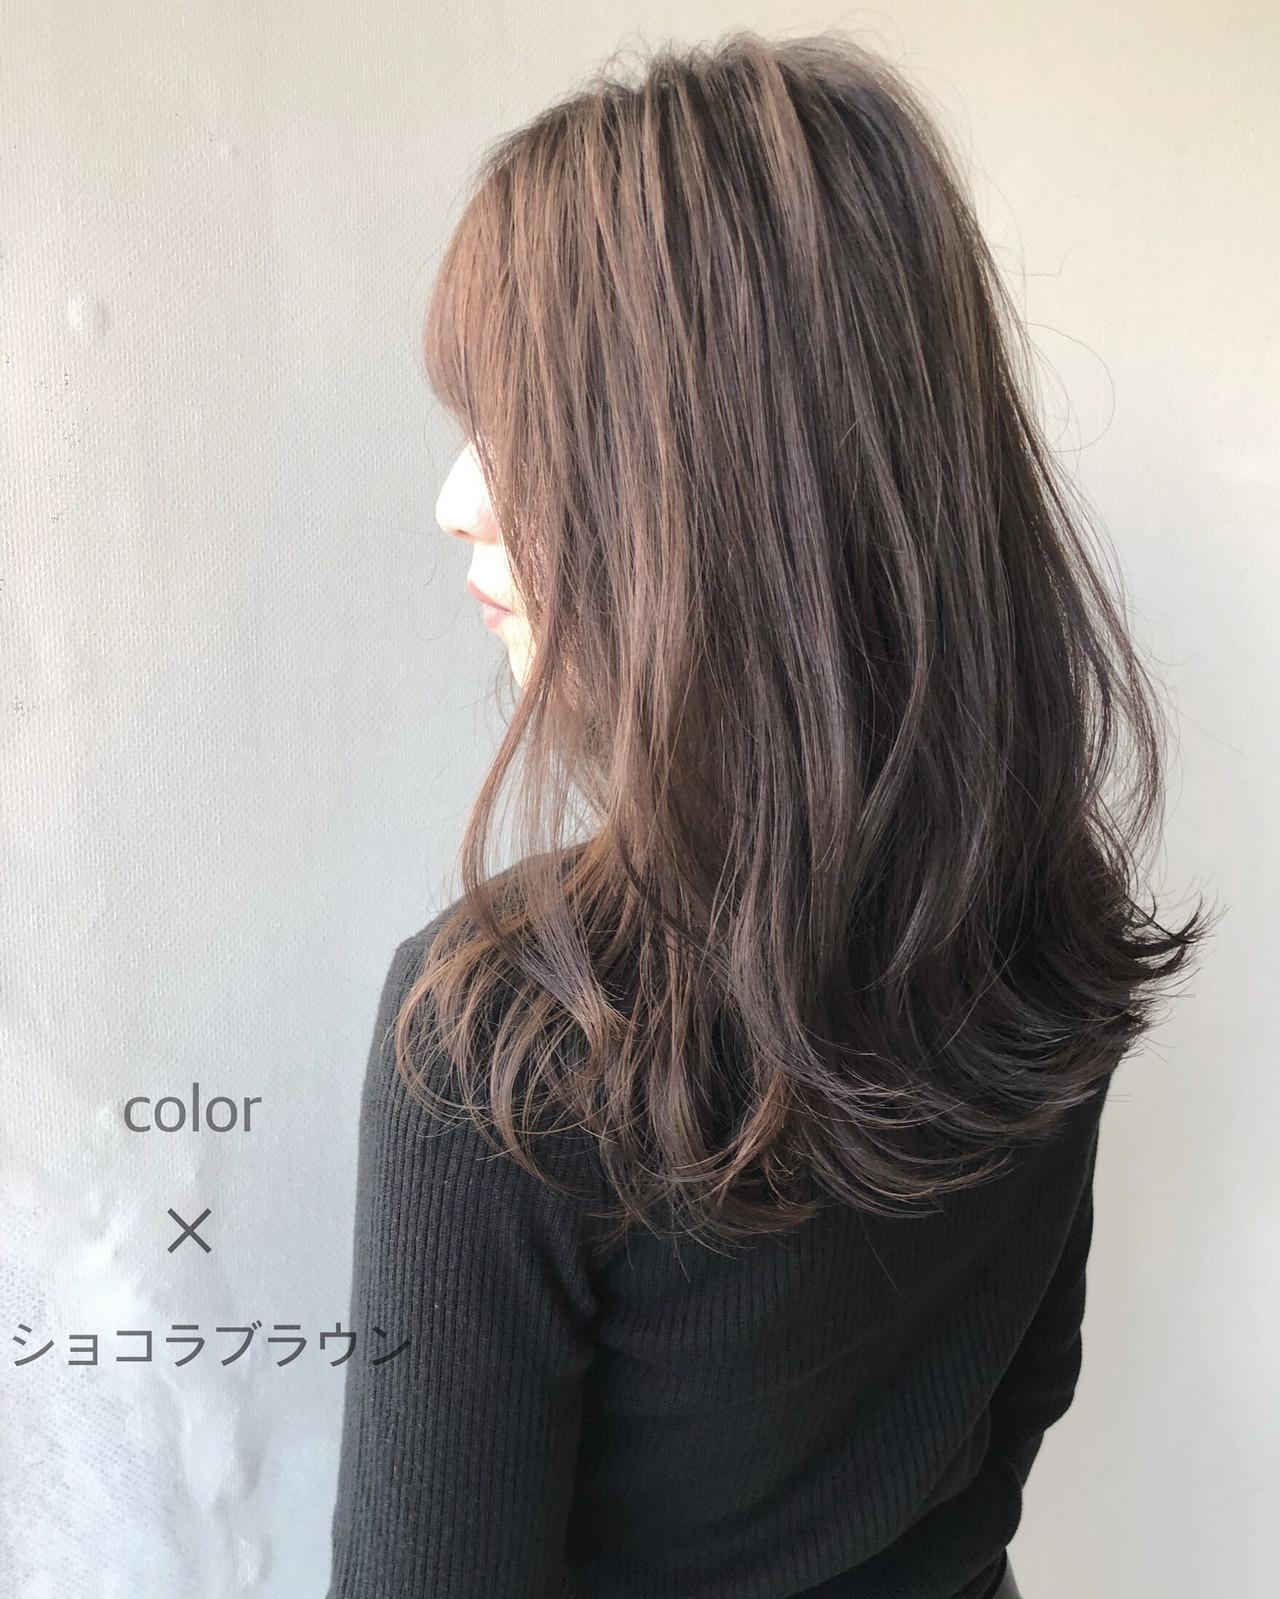 ダメージレス ナチュラル ツヤ髪 ロング ヘアスタイルや髪型の写真・画像